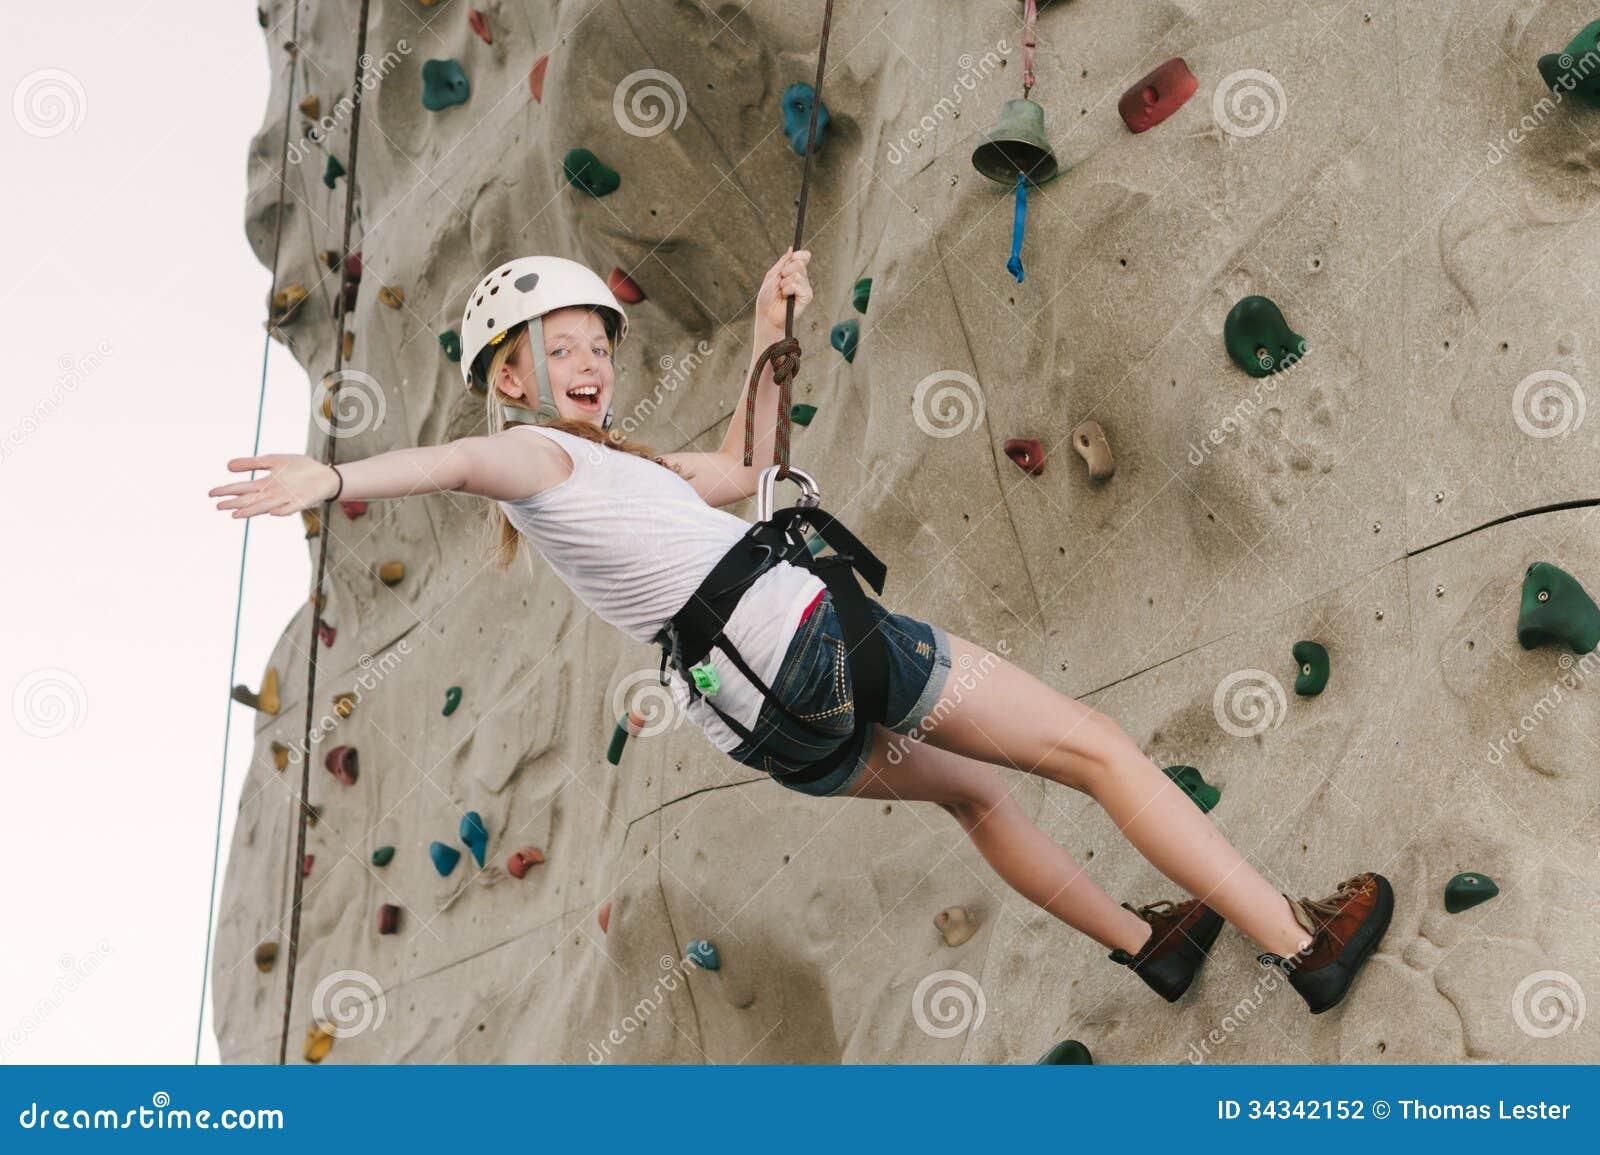 Ein jugendlich Mädchen, das auf einer Felsenwand zurück sich lehnt an der Überrollschutzvorrichtung klettert